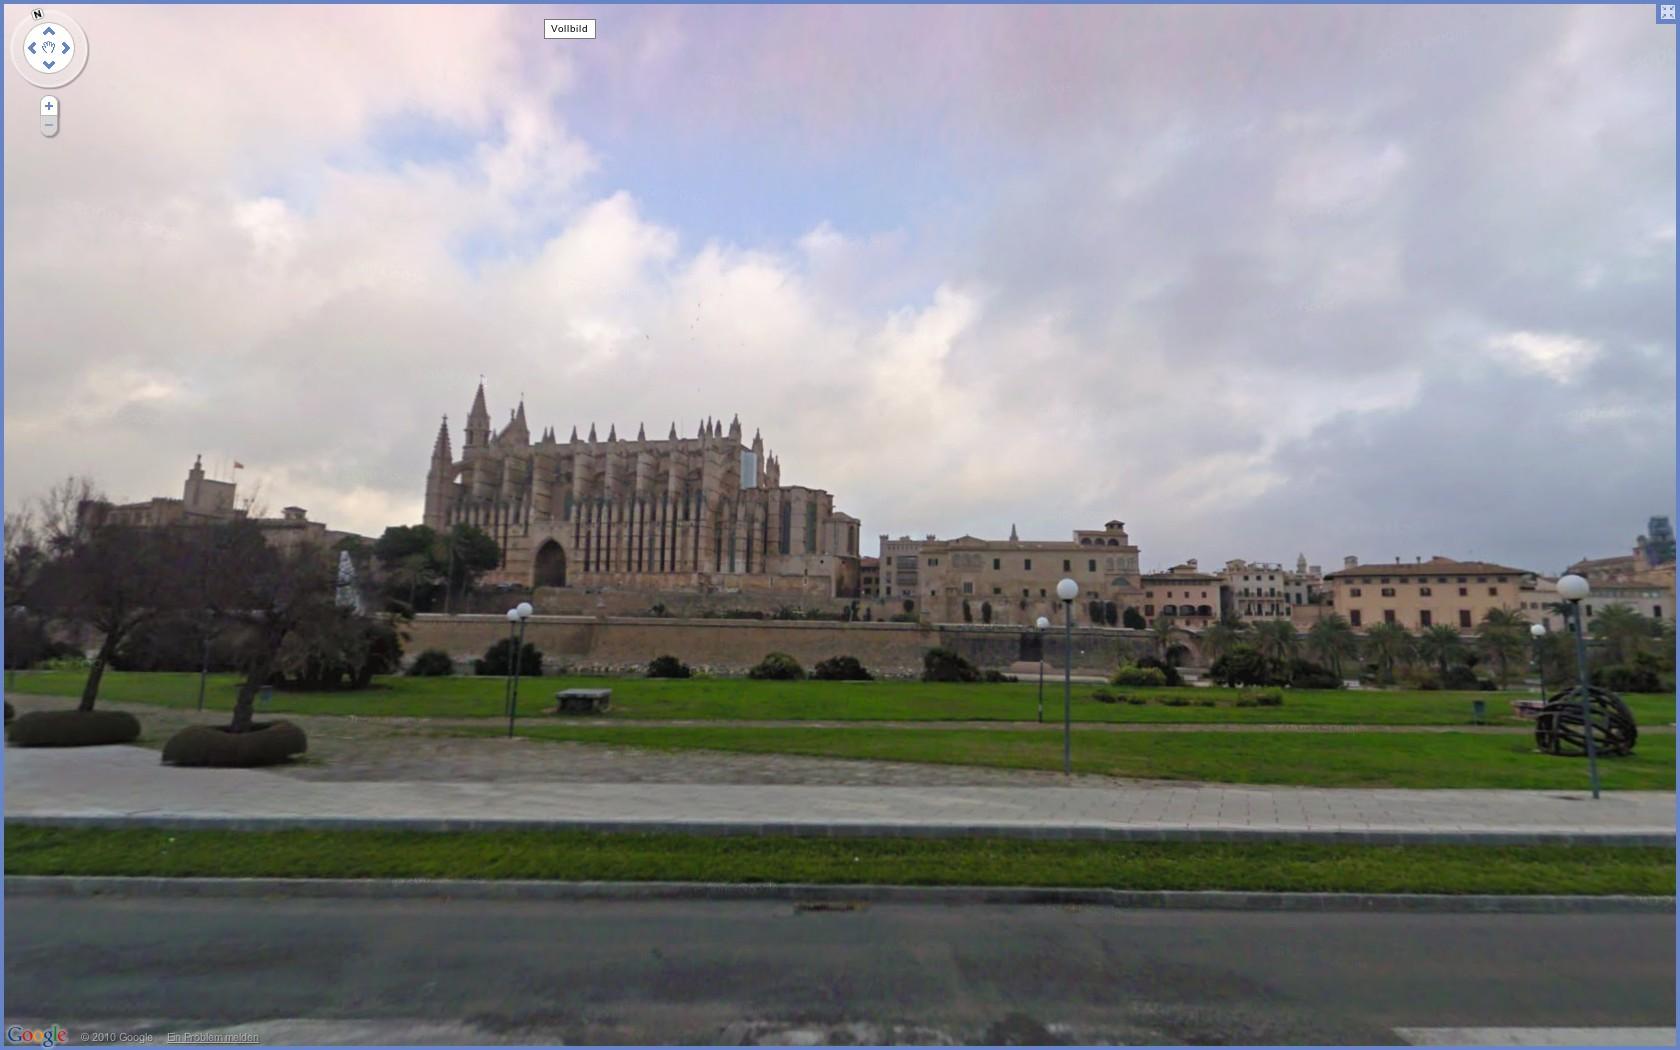 Street View: Das eigene Haus kann ab sofort verpixelt werden - Google Street View: Kathedrale in Palma (Mallorca)